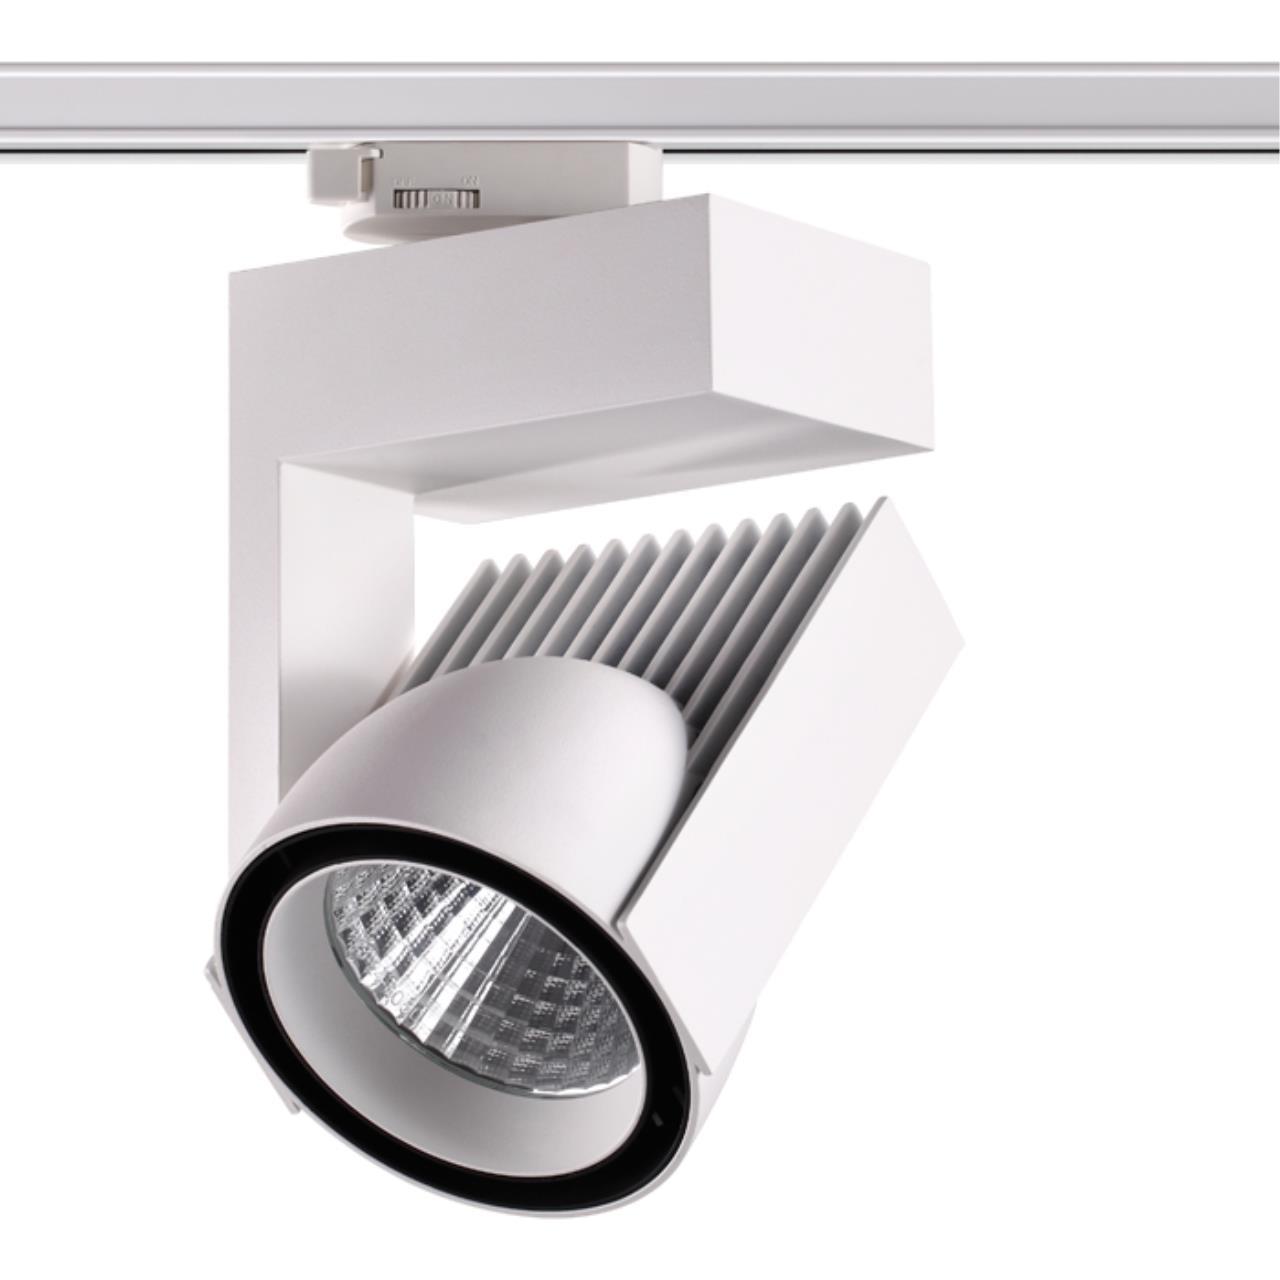 358199 PORT NT19 018 белый Трехфазный трековый светодиодный светильник IP20 LED 4000K 45W 220В HELIX